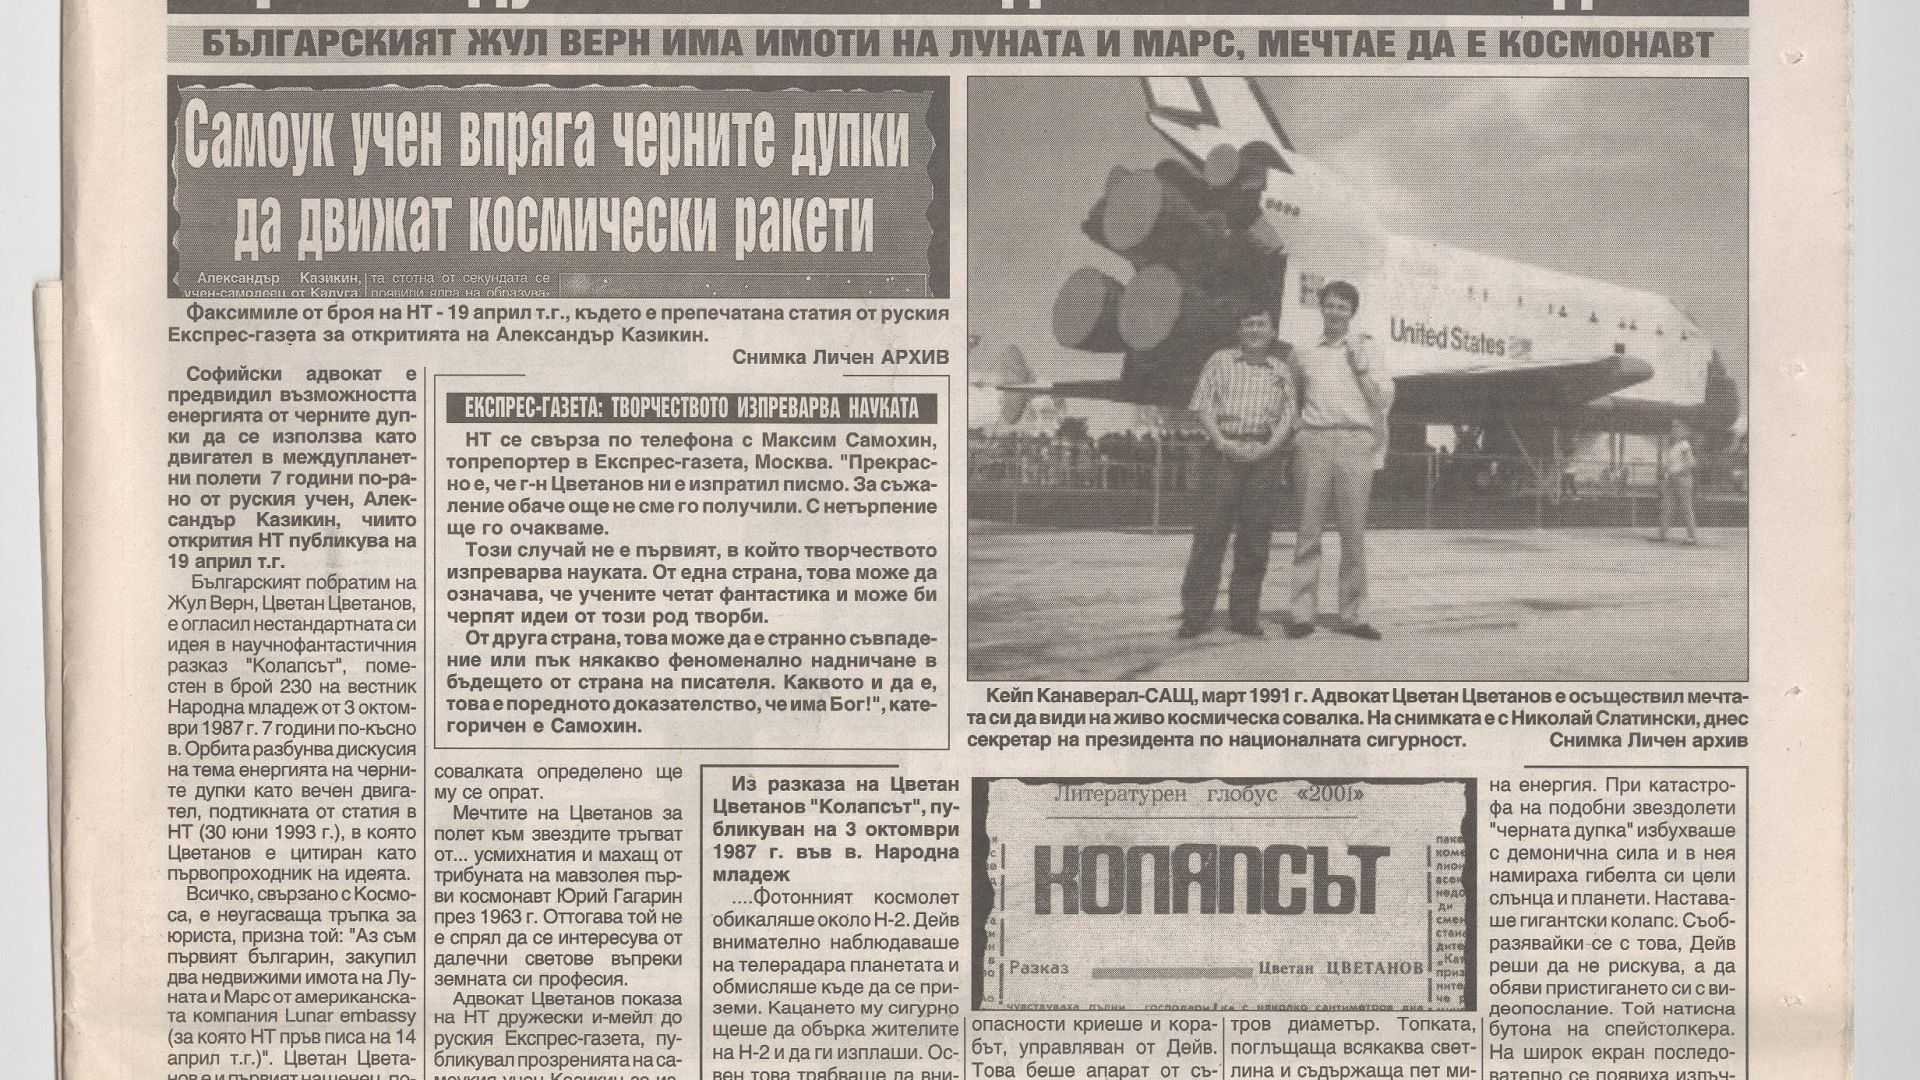 Българският Жул Верн: Очаква ни масова роботизация и епохален контакт с извънземни